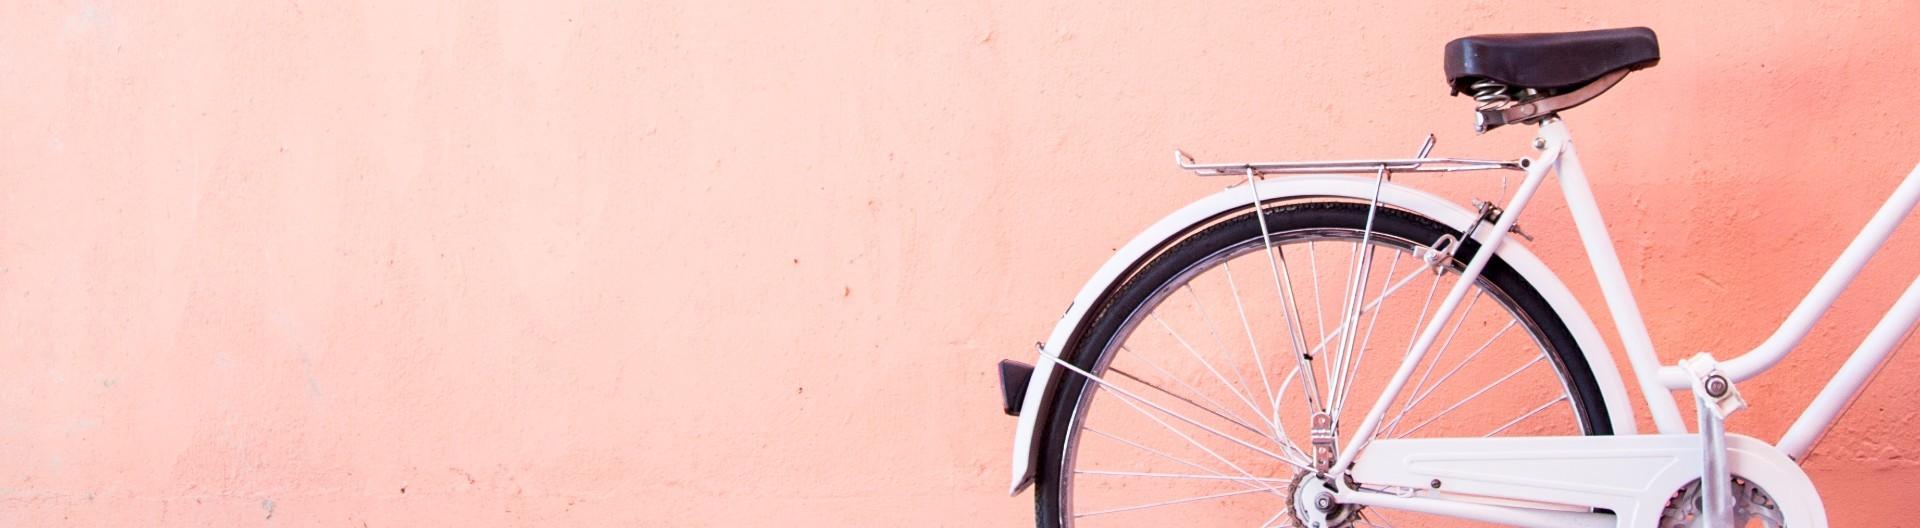 Weißes Fahrrad vor einer orangen Wand